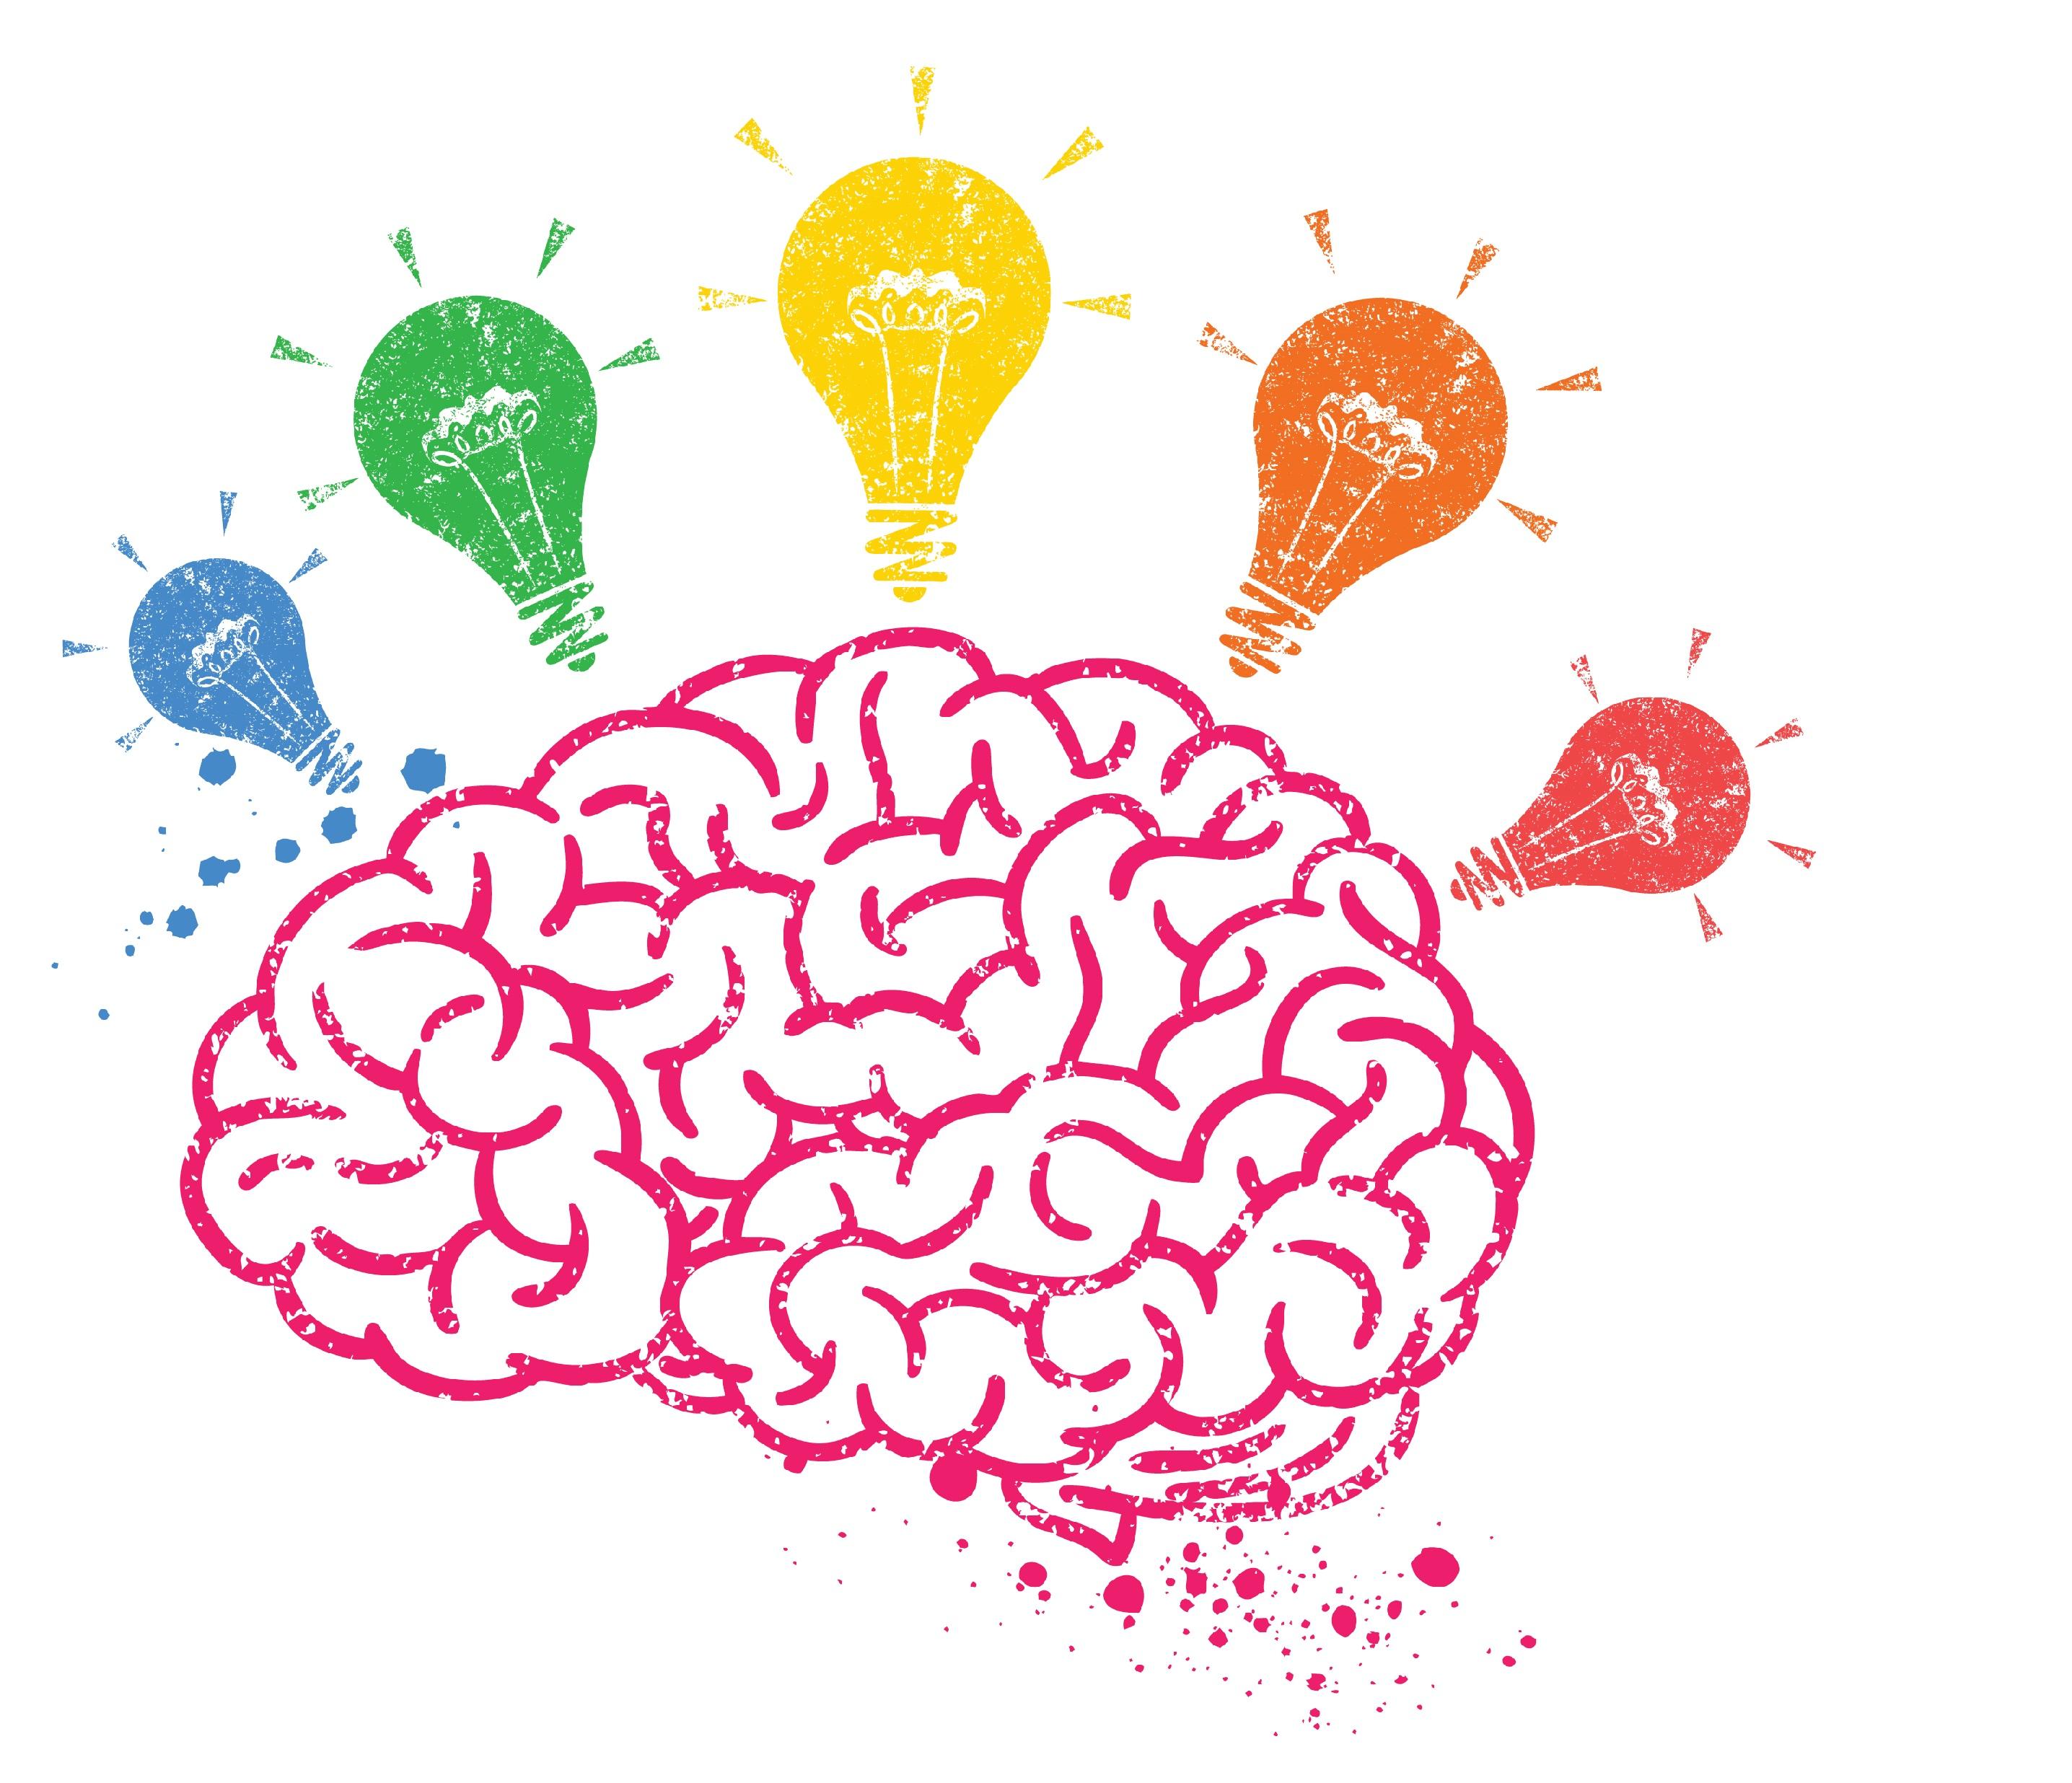 Leer creatief denken met behulp van brainstormen